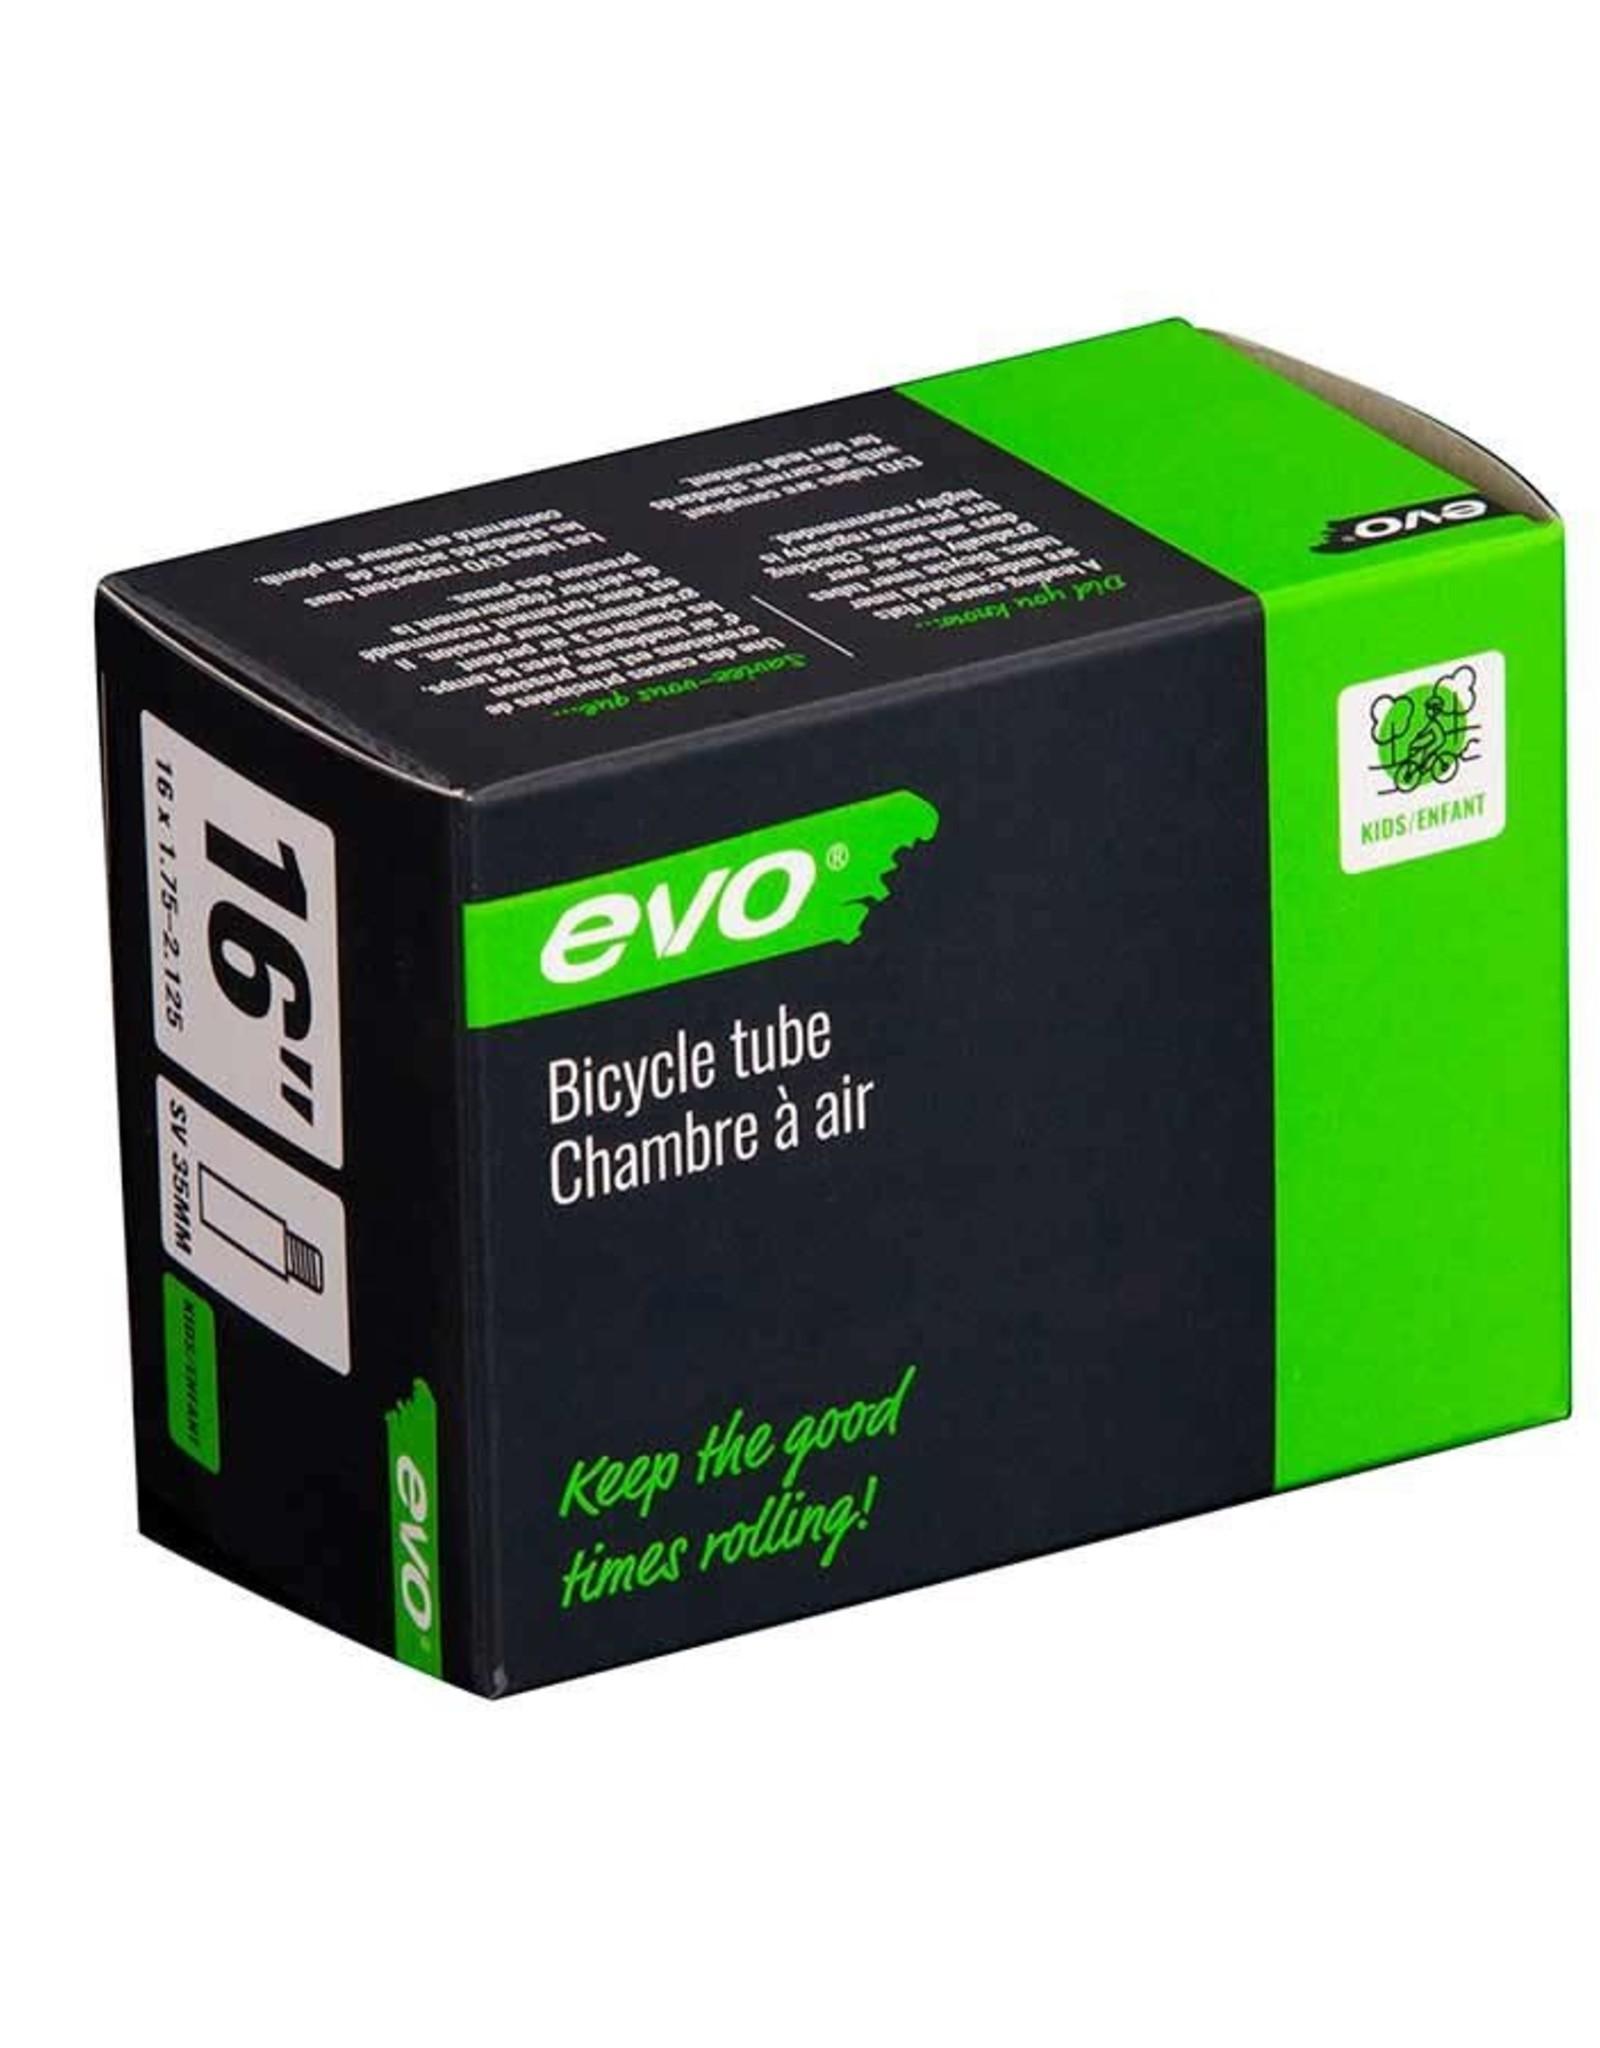 EVO EVO, SV, Chambre a air, Schrader, Longueur: 35mm, 16'', 1.75-2.125